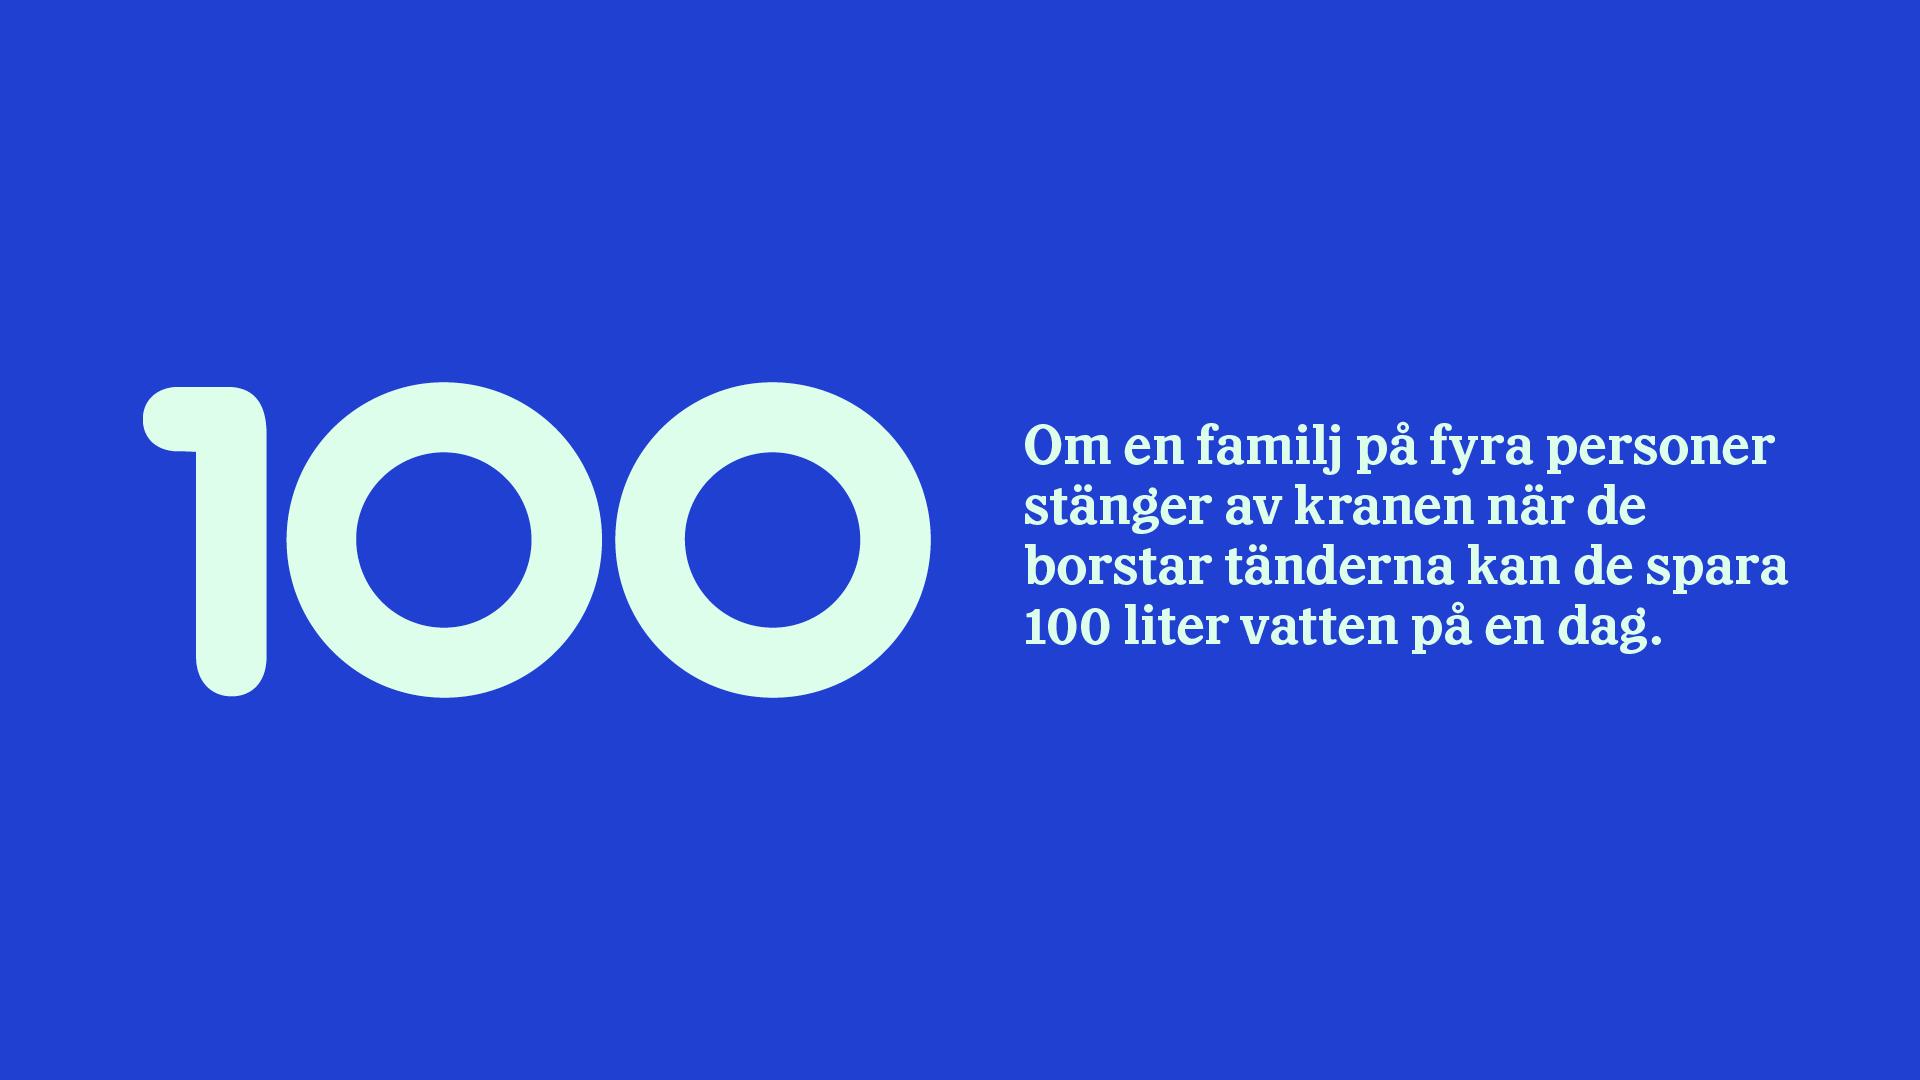 Grafik. På bilden står det: Om en familj på fyra personer stänger av kranen när de borstar tänderna kan de spara 100 lite vatten på en dag.